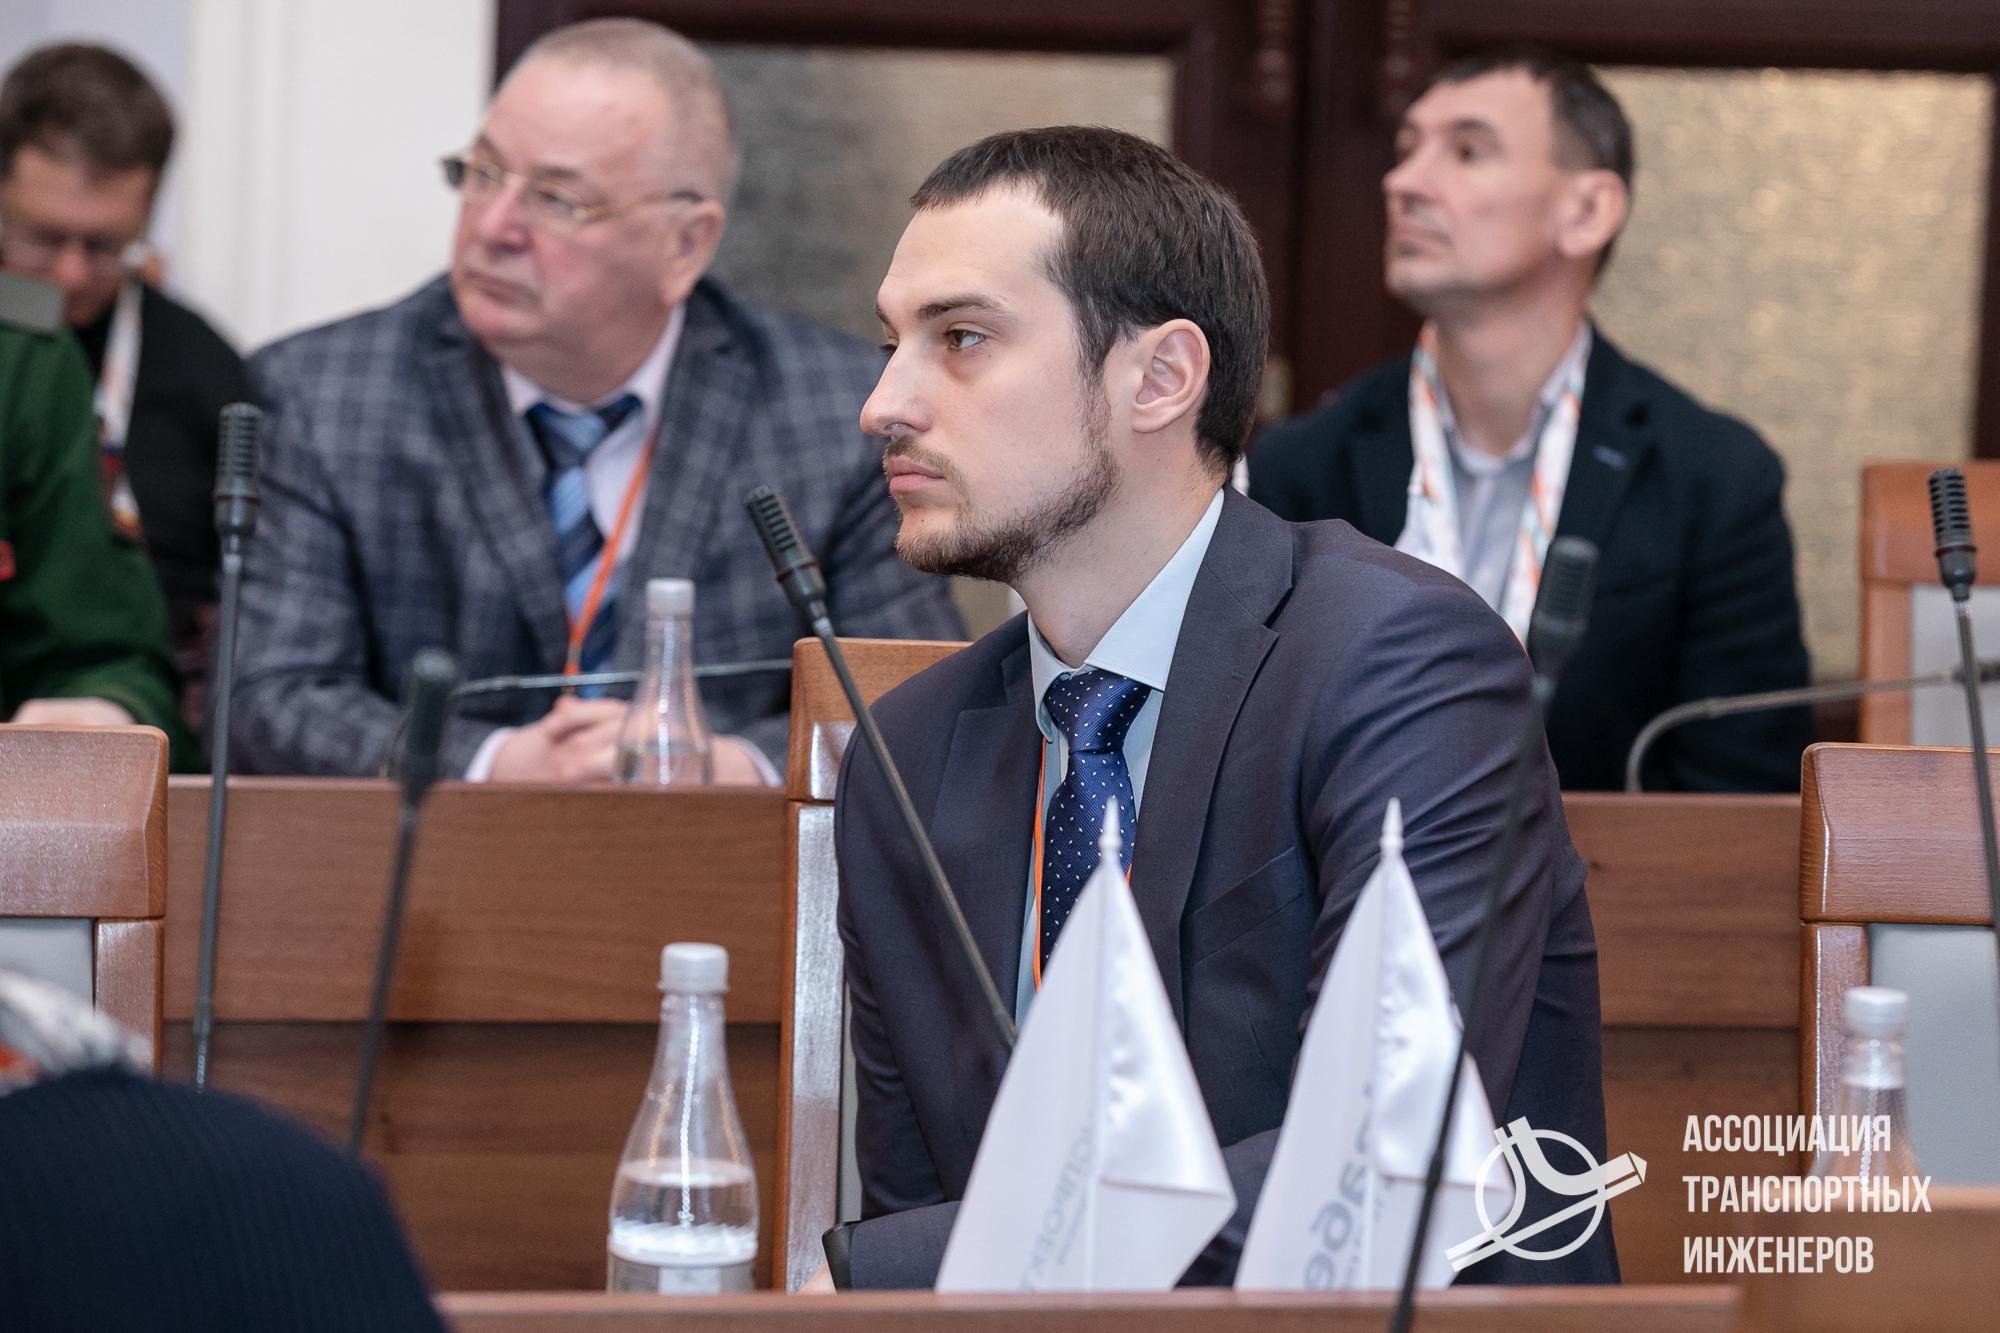 Конференция ТПиМ, 12 апреля  2019  (232)